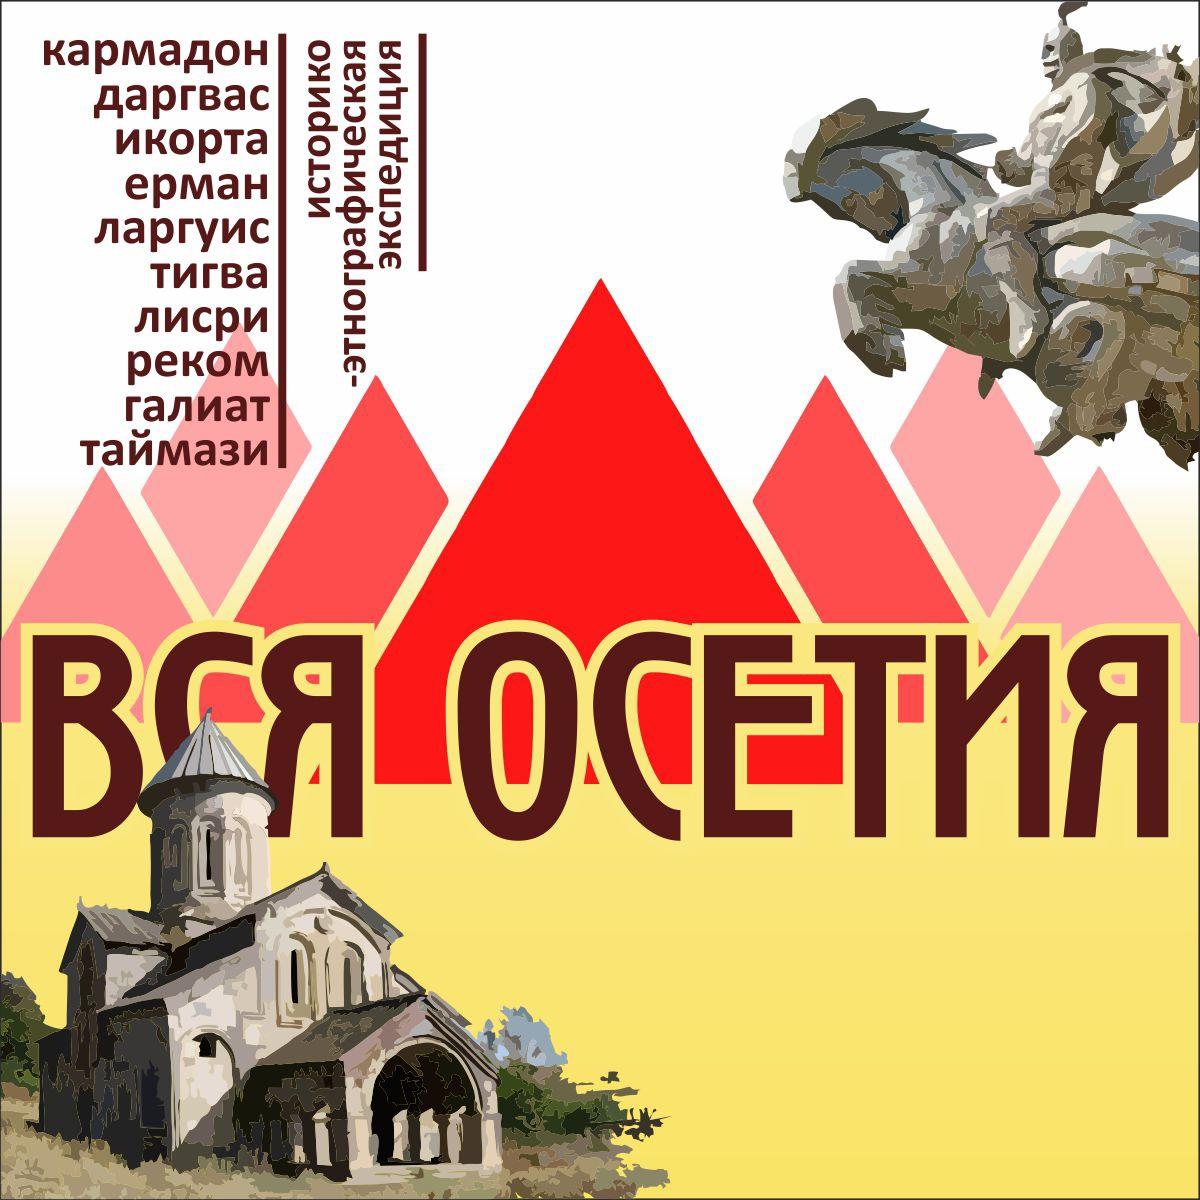 Афиша Ростов-на-Дону ВСЯ ОСЕТИЯ джип туры